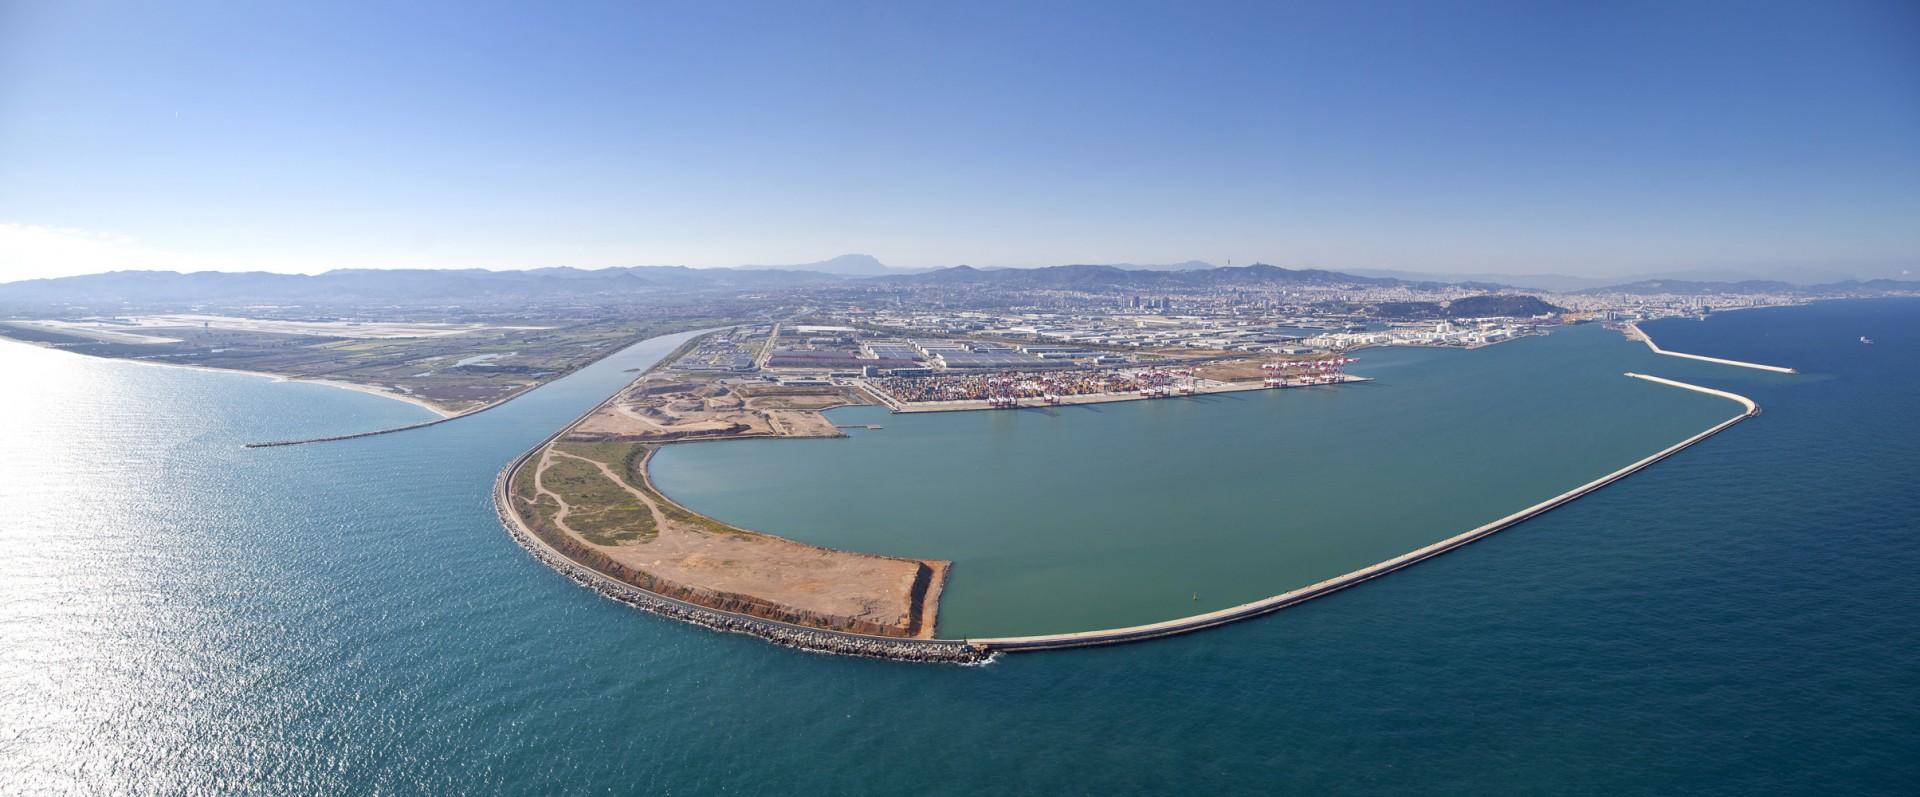 01-barcelona-aeria-Delta-Llobregat-port-terminal-best-ciutat